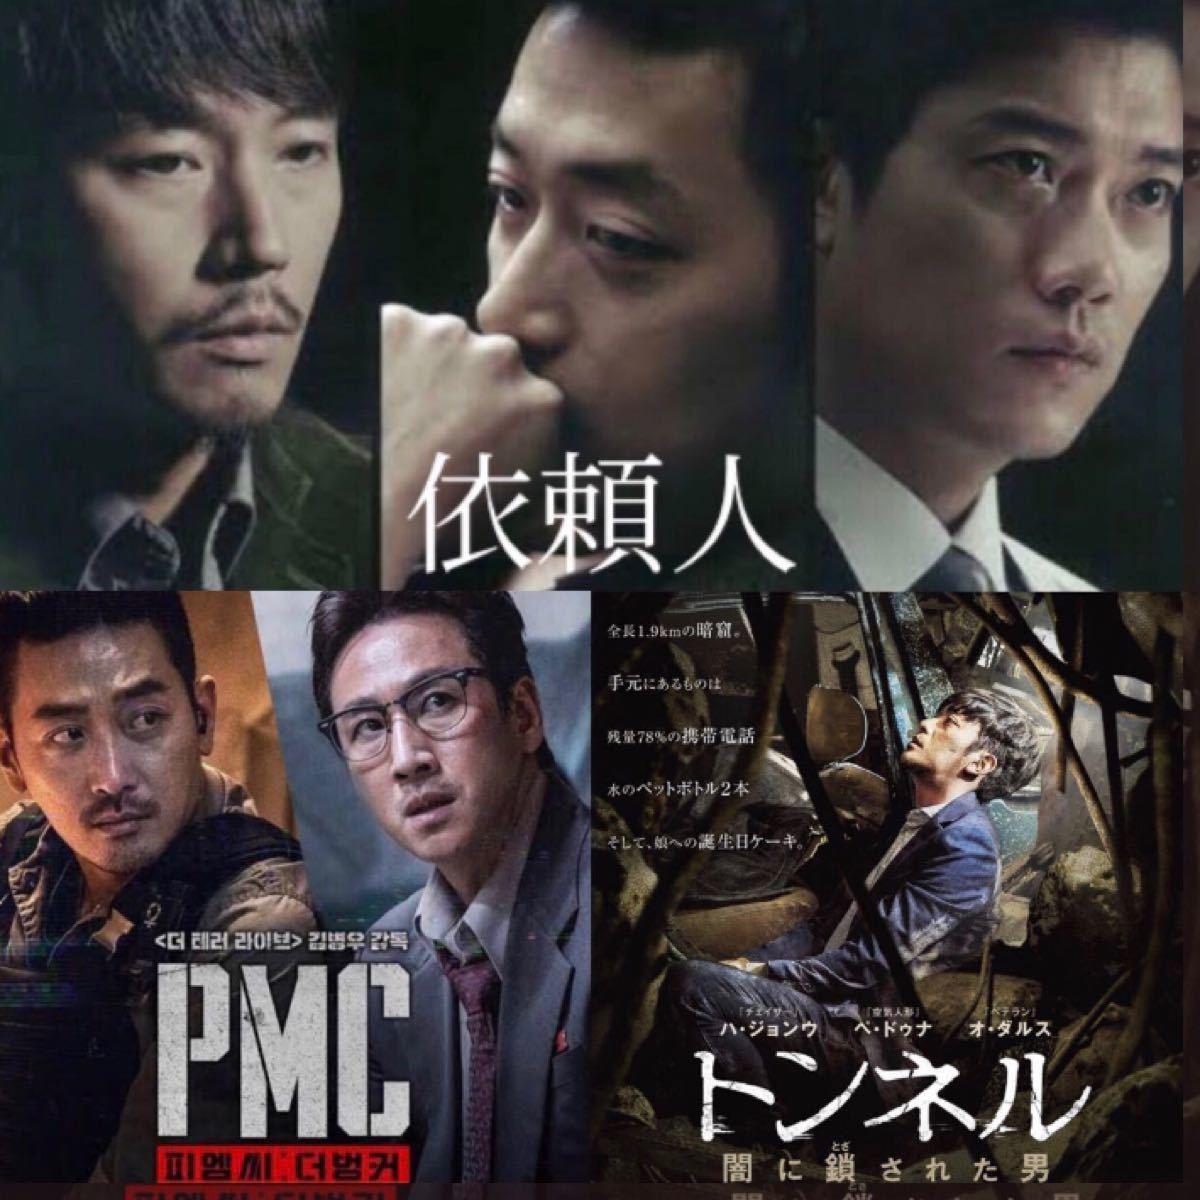 韓国映画  ハ・ジョンウ  出演映画  DVD  日本語吹替有り  レーベル有り